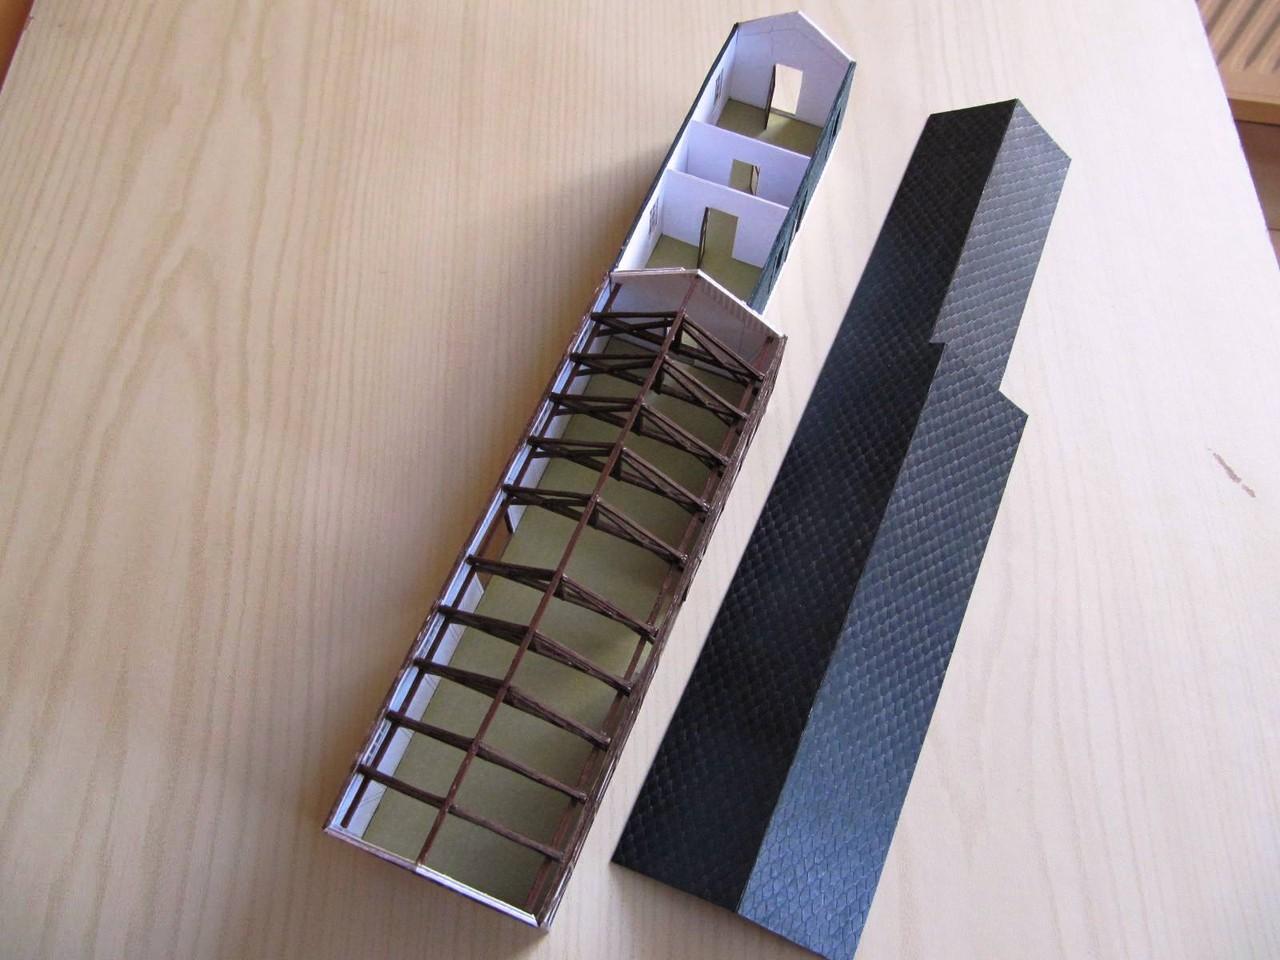 (c) W. Fehse - Dach von oben 1:87 (H0)